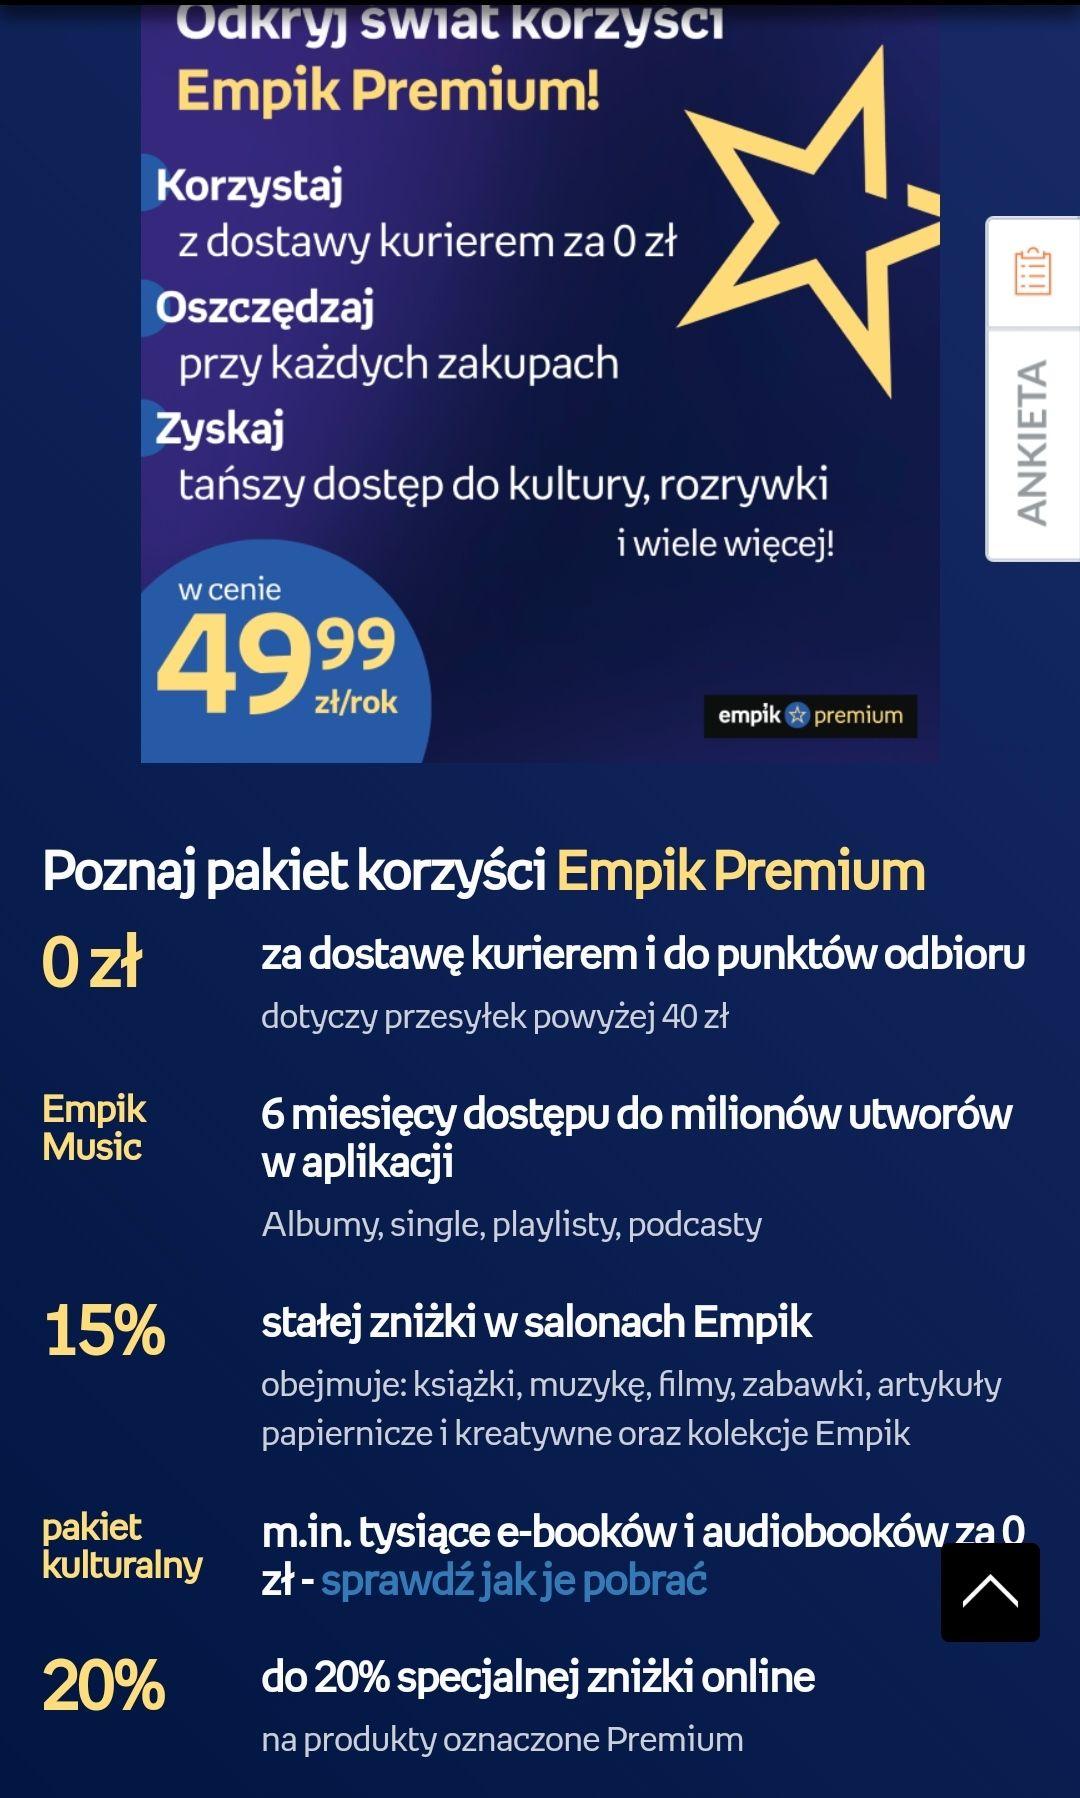 EMPIK PREMIUM 3 miesiące za darmo dla subskrybentów newslettera Livro